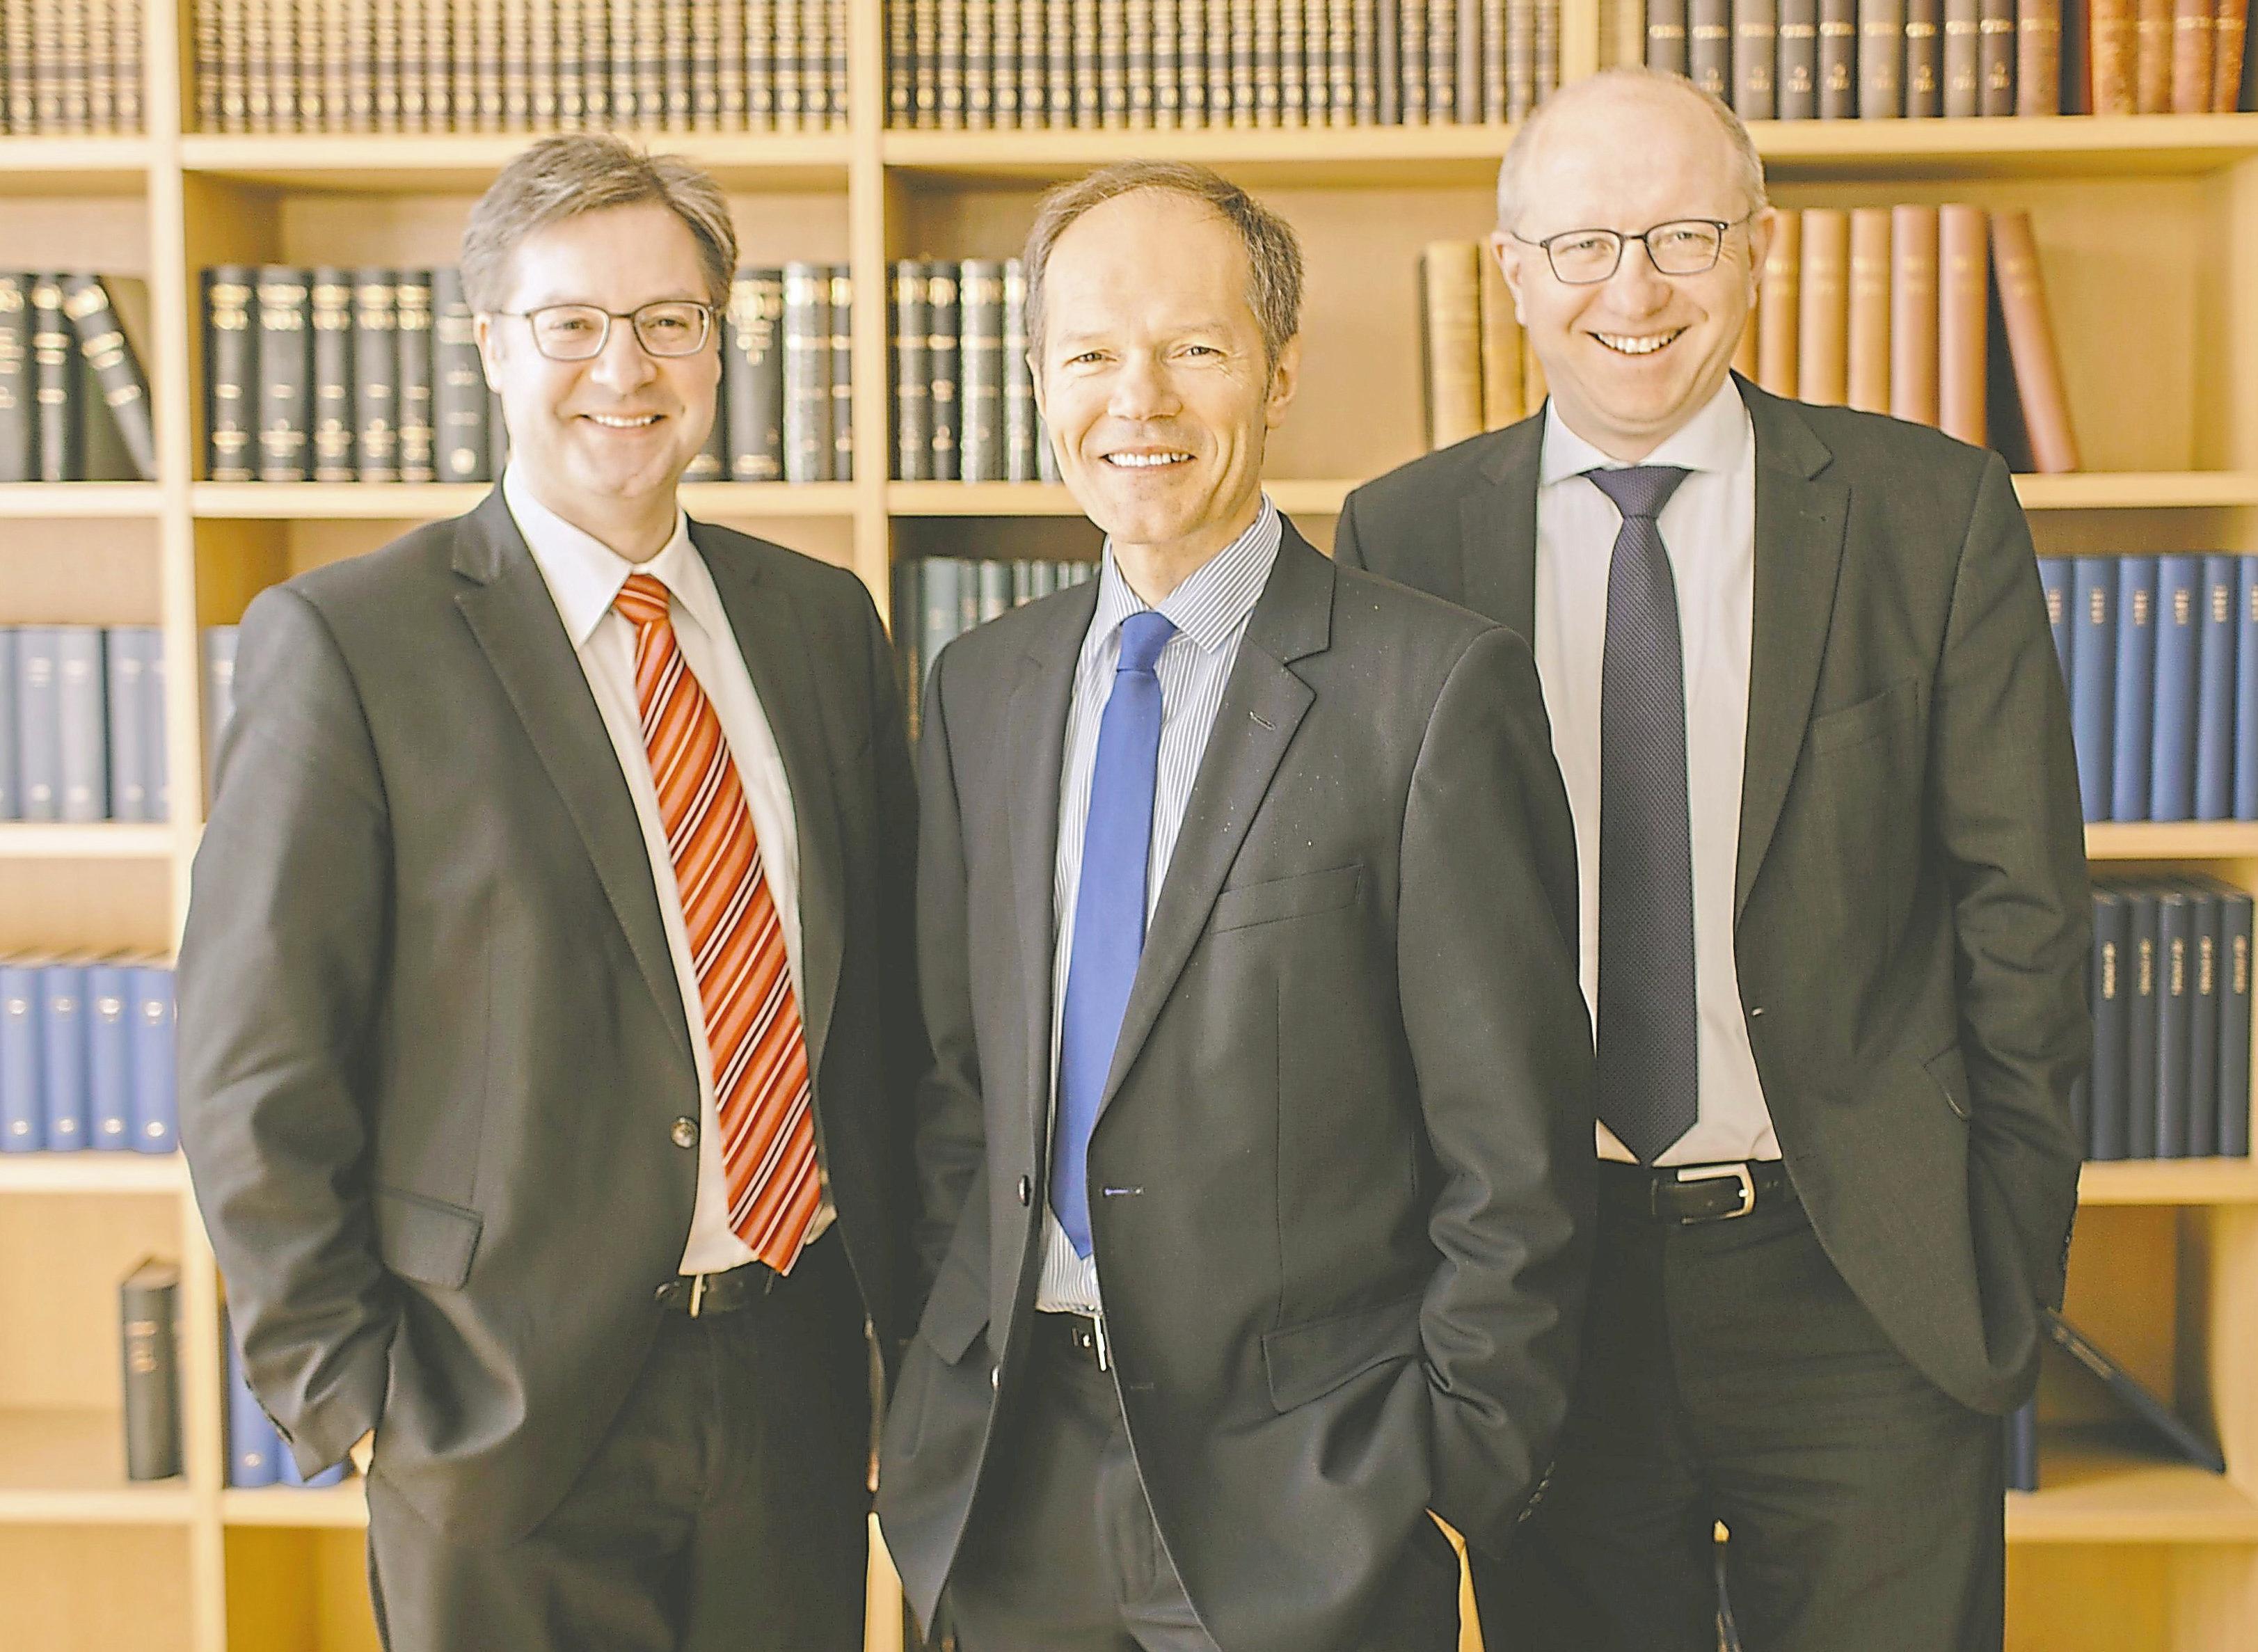 Das Team der Notare Christian Huster, Ralf Gosda und Karsten Havighorst (v.l.) wird durch Notar a. D. Gerd Grabenschröer ergänzt, der auf eine mehr als 40-jährige notarielle Berufserfahrung zurückgreifen kann.Foto: Gosda Havighorst Huster